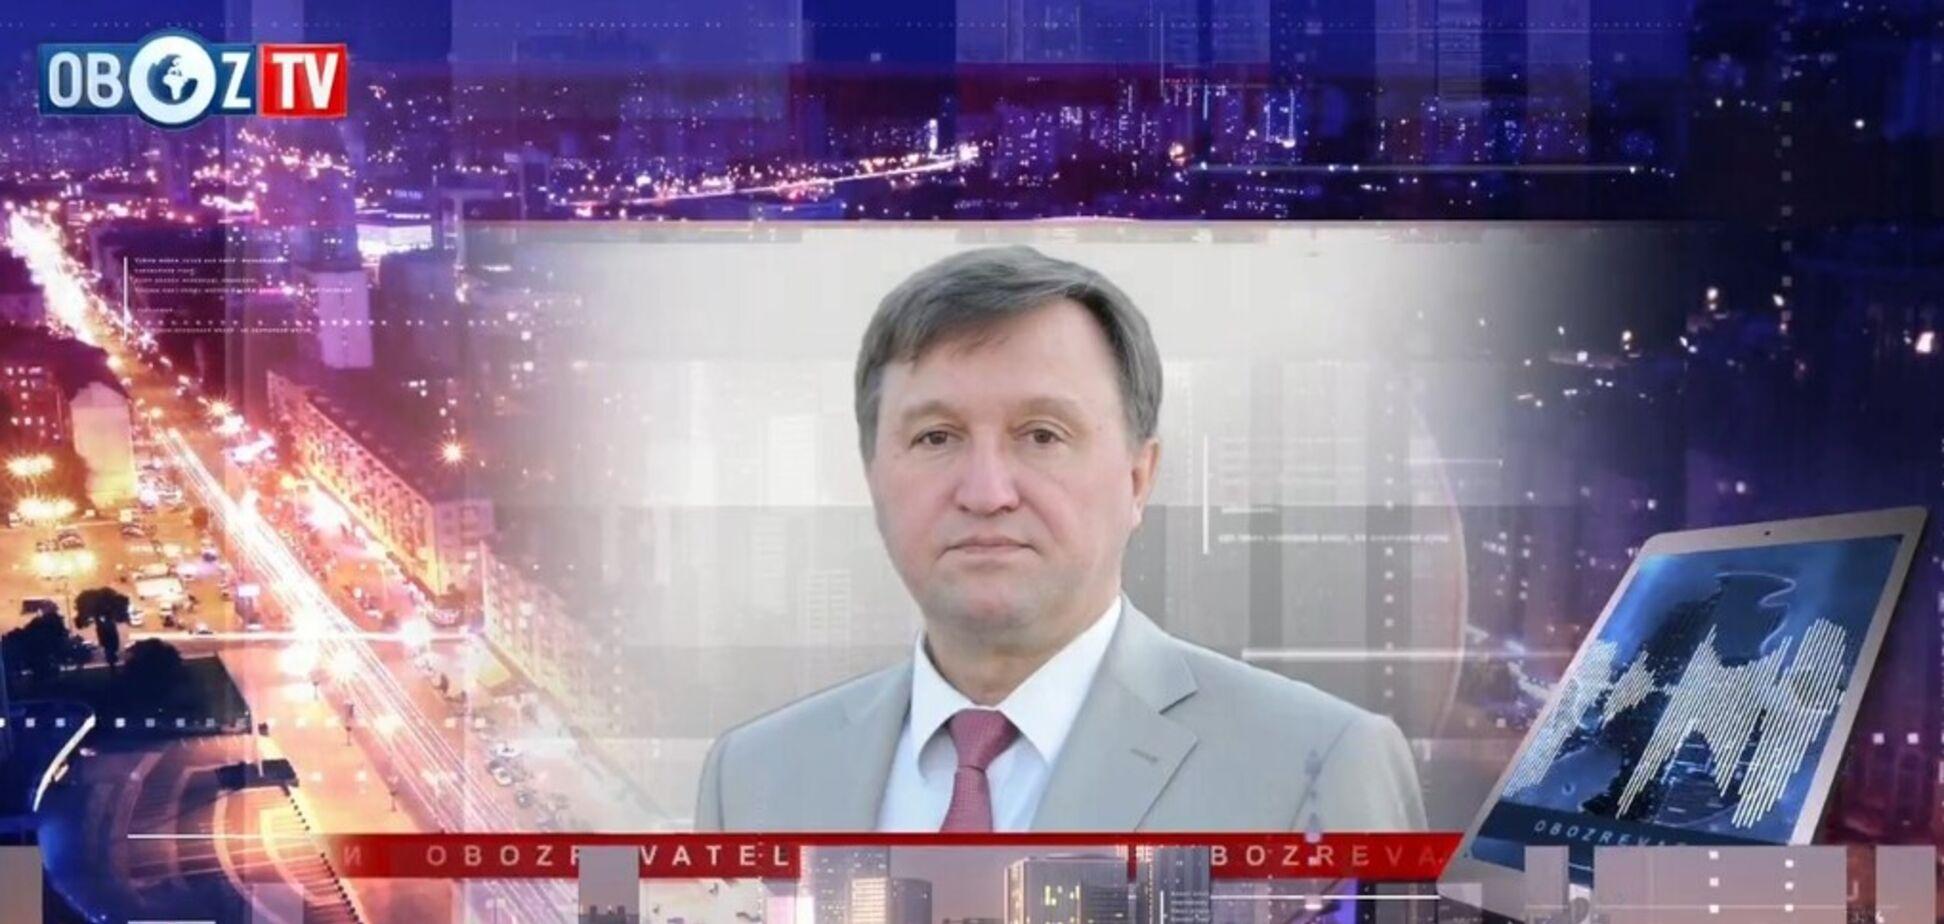 'Украина станет членом НАТО': эксперт пояснил новую программу сотрудничества